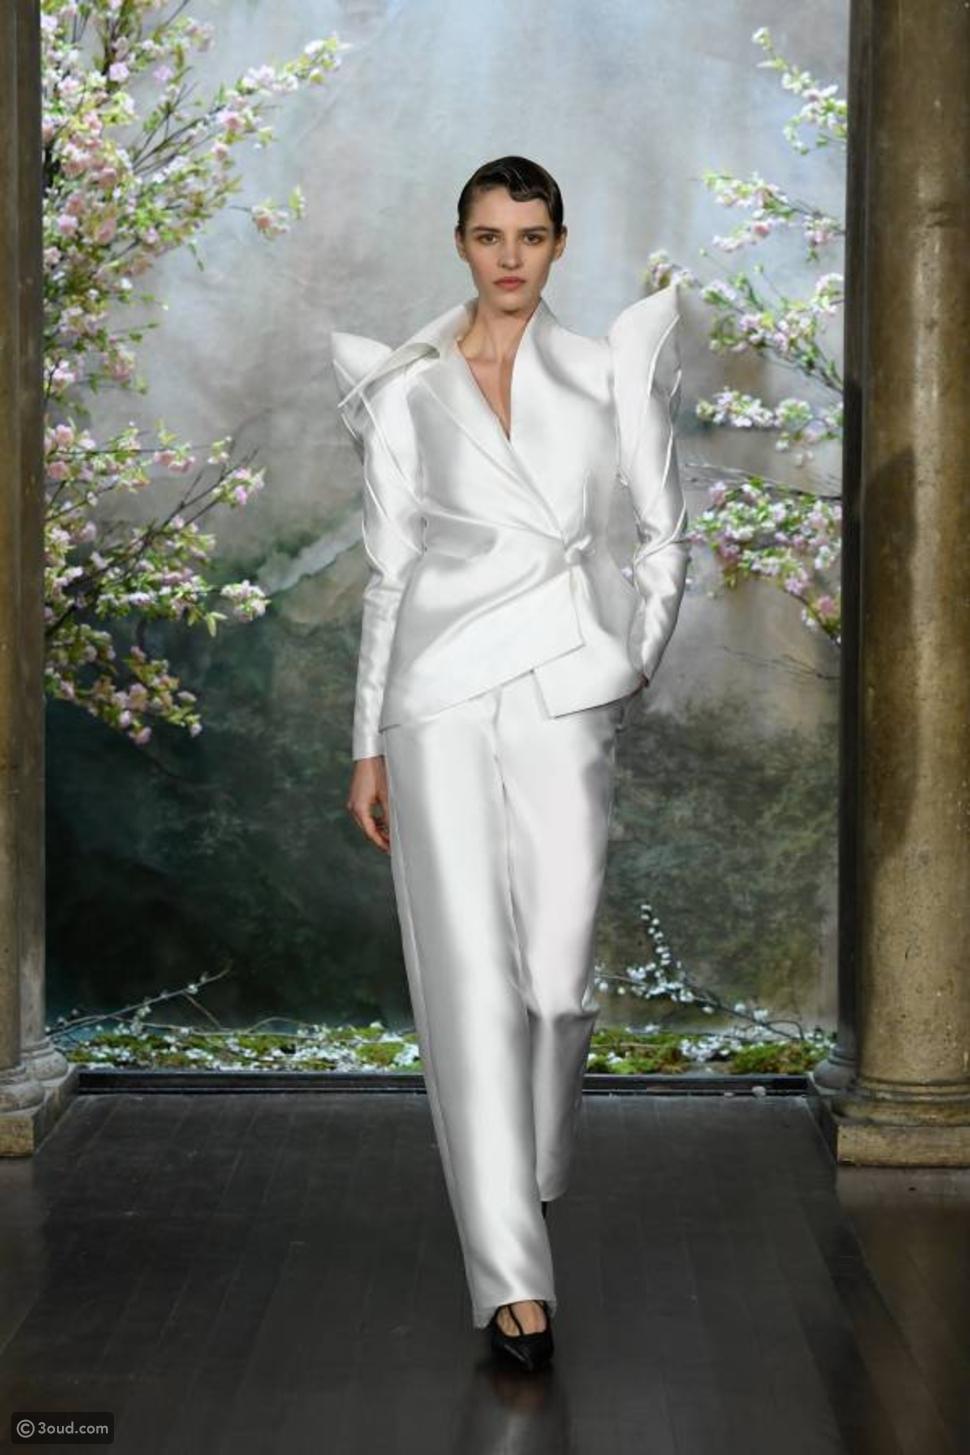 المصممة الفيتناميّة Phuong تطلق مجموعتها لفساتين الزفاف